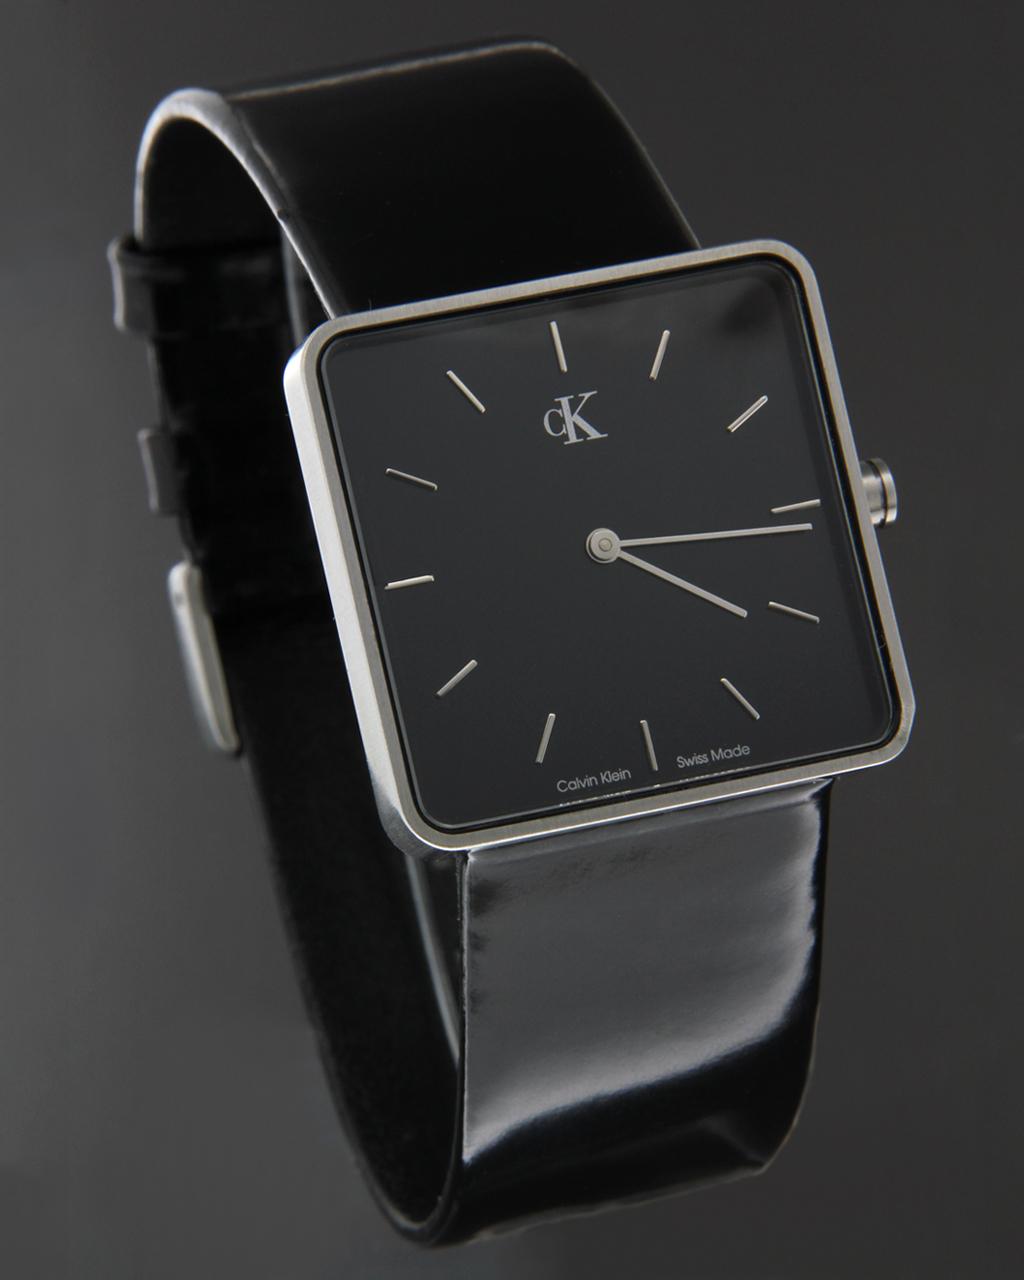 Ρολόι Vintauge collection CK K9111000   ρολογια calvin klein